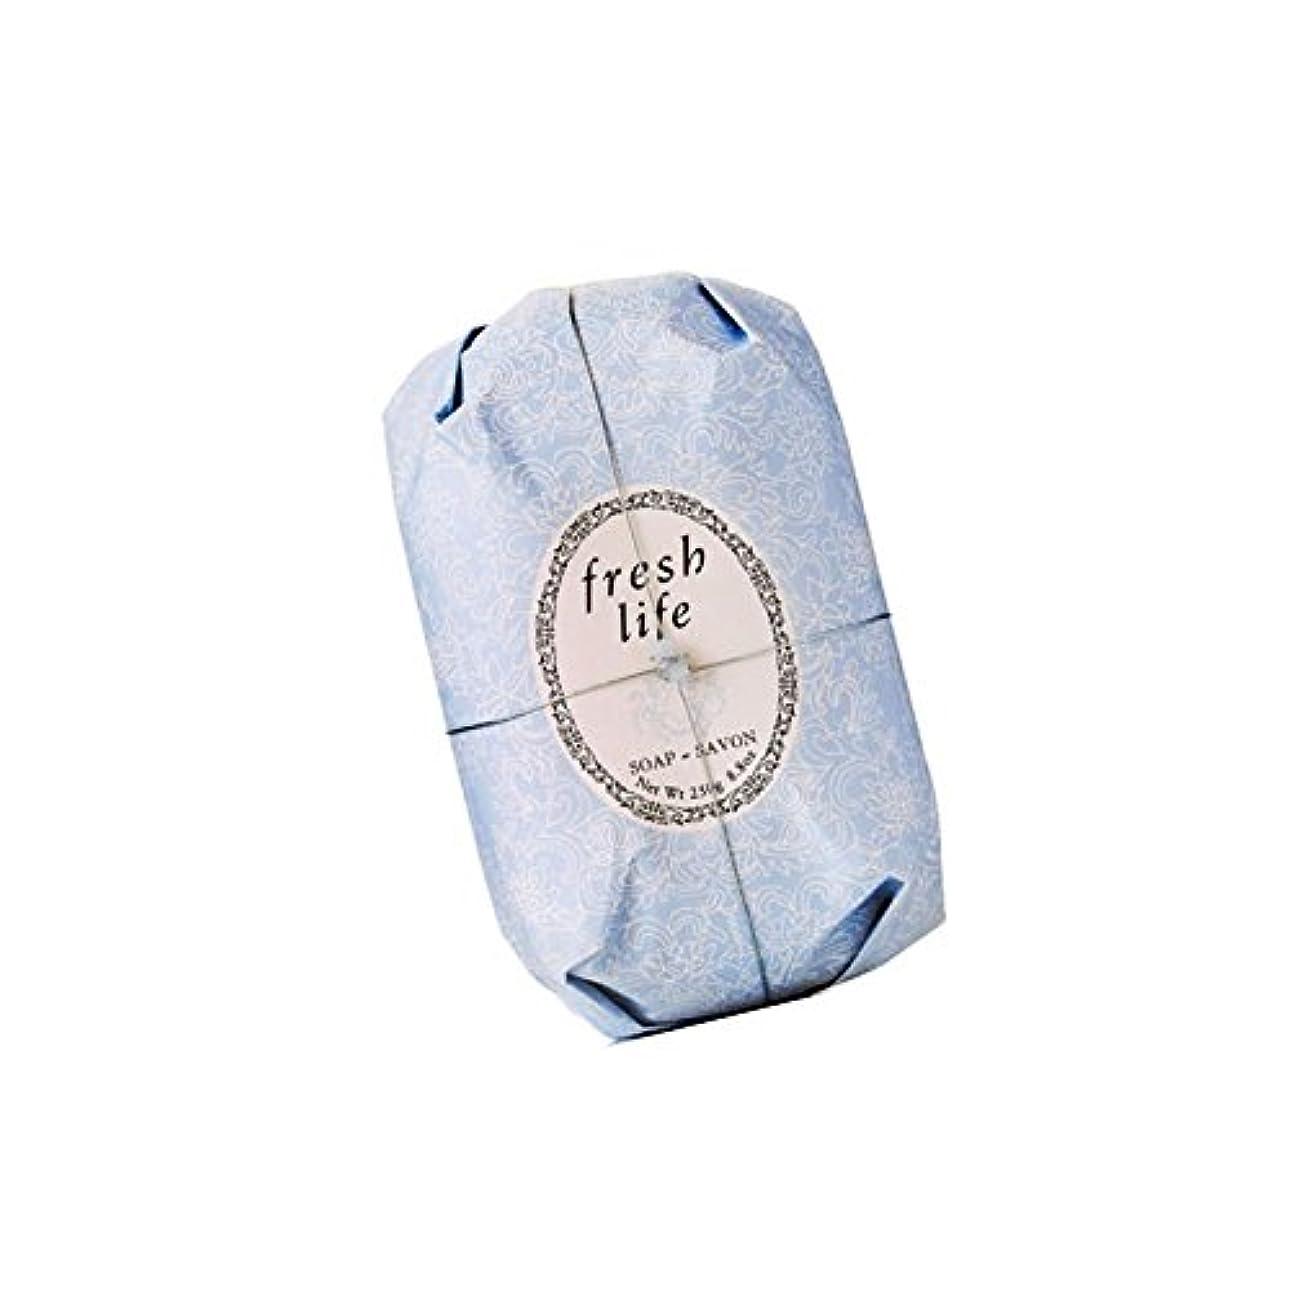 熟すアラート一過性Fresh フレッシュ Life Soap 石鹸, 250g/8.8oz. [海外直送品] [並行輸入品]